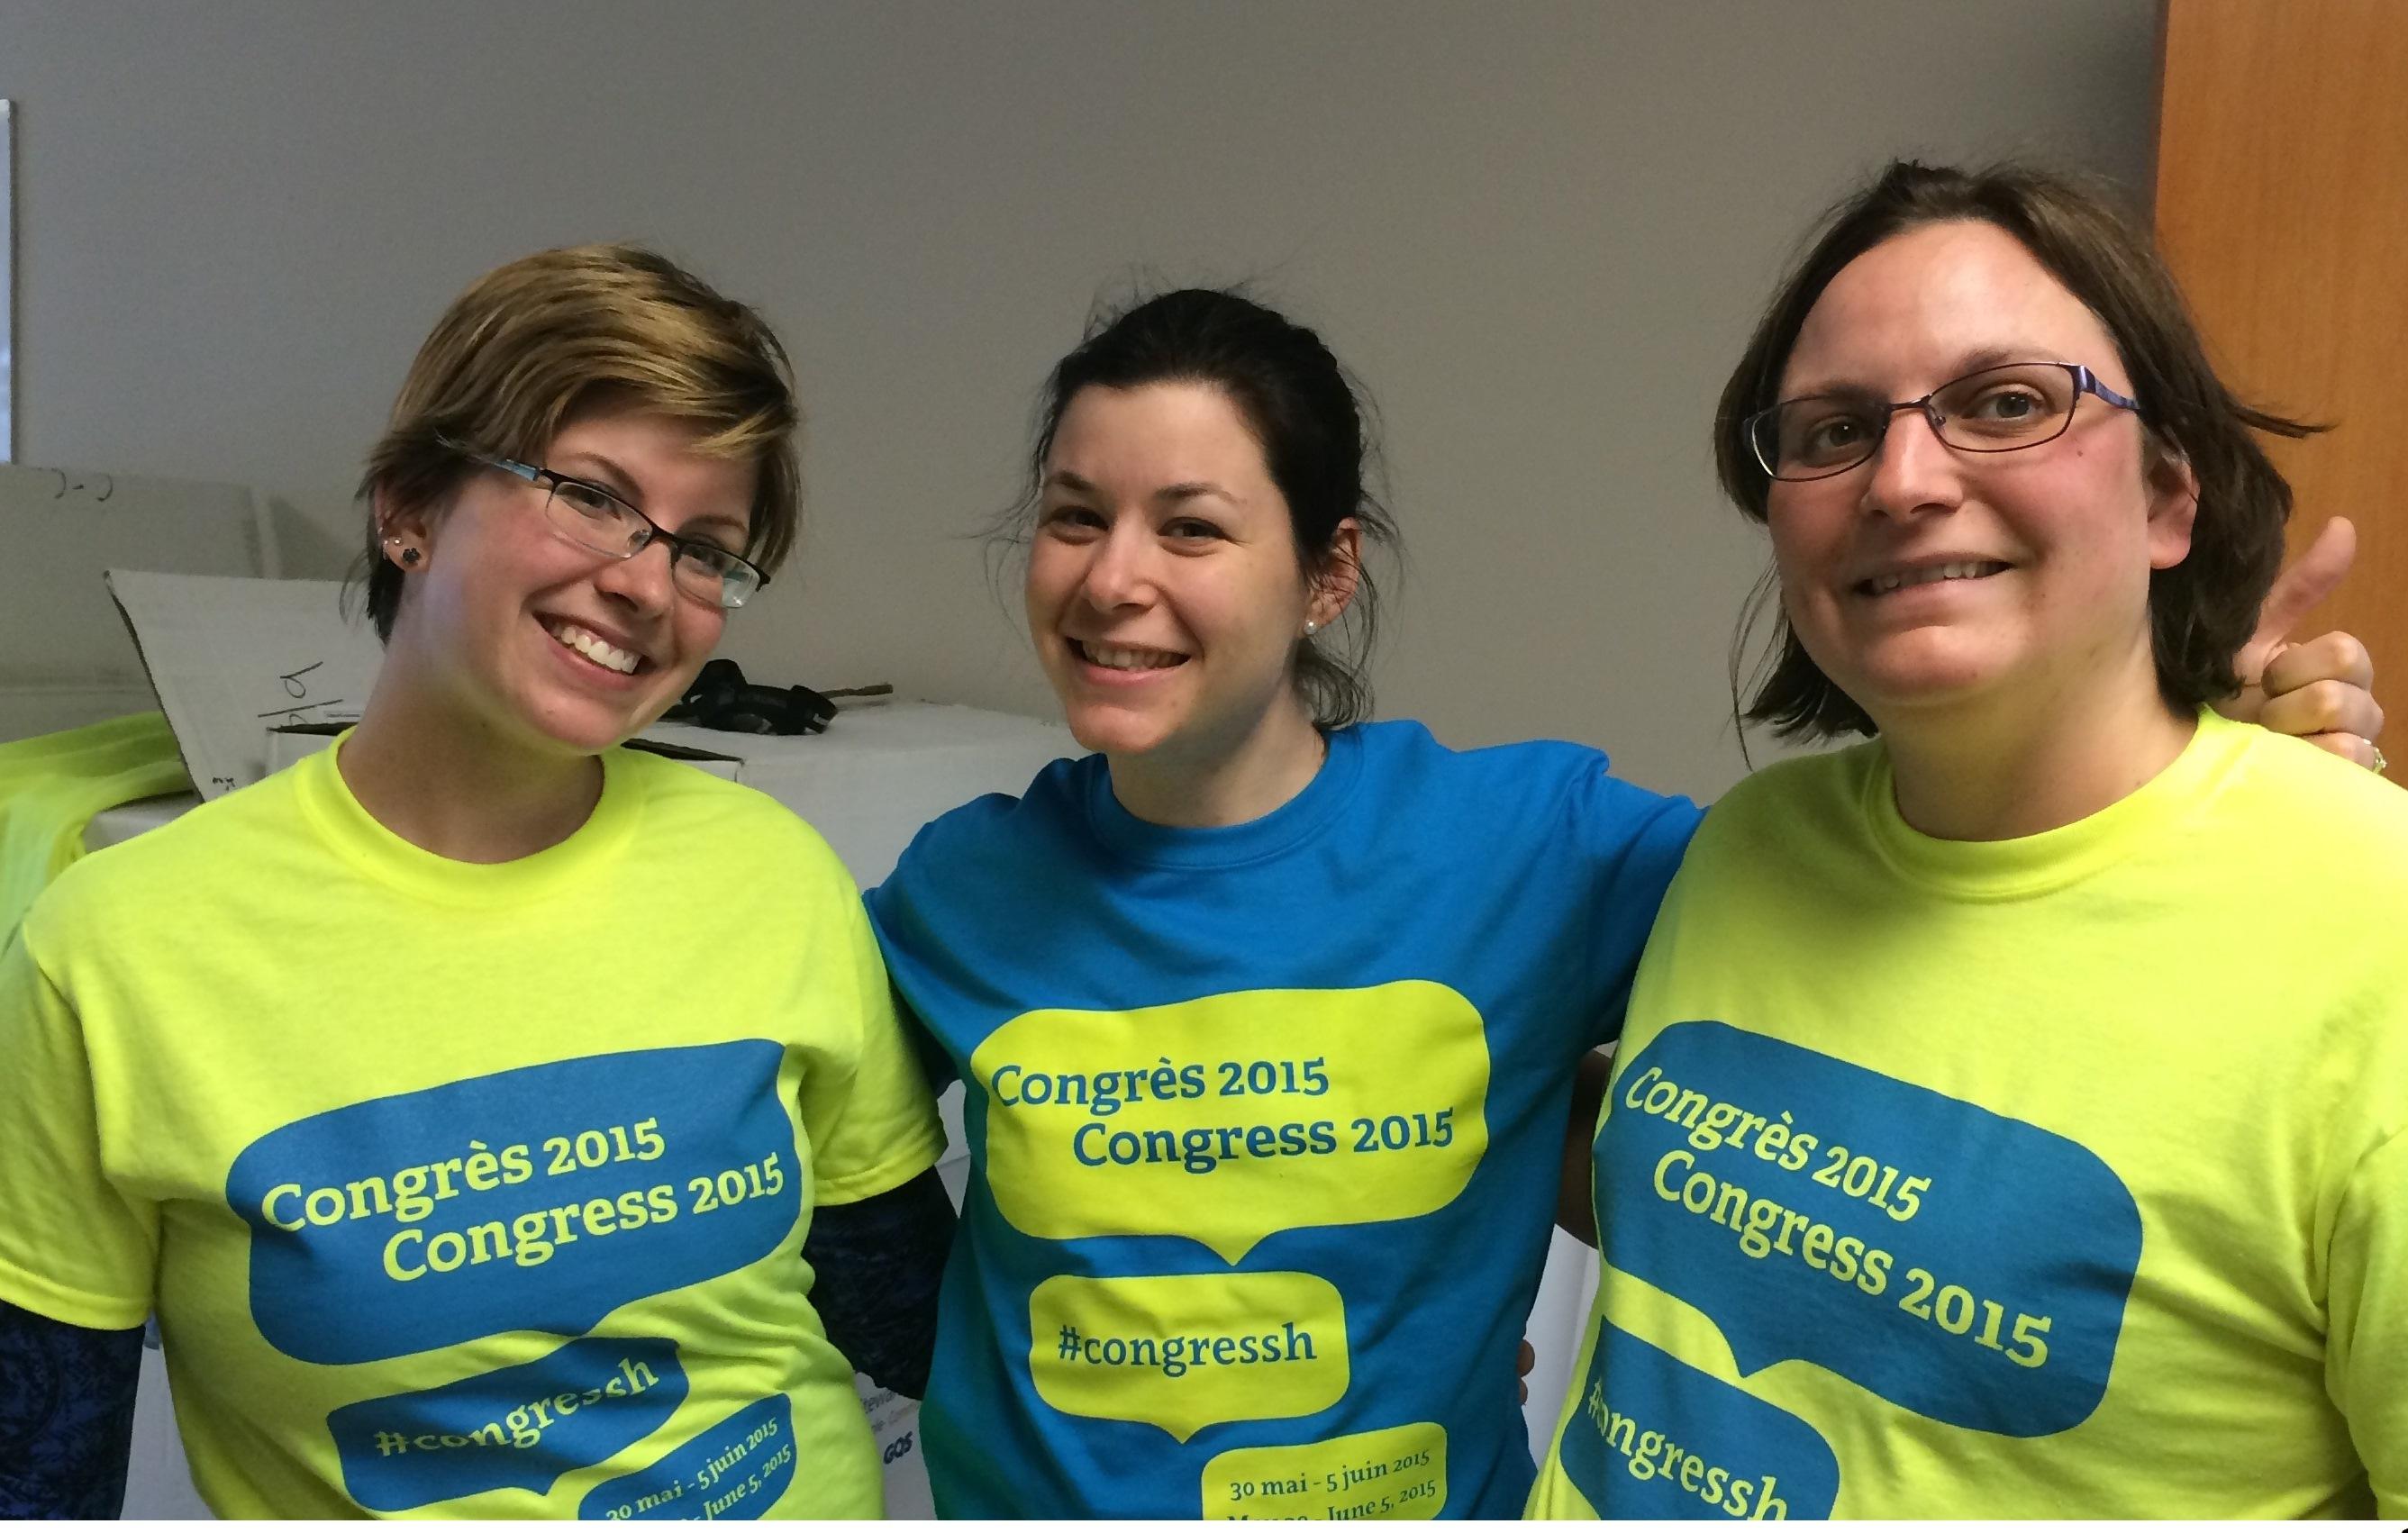 Kristelle Brovkovich, Rafaëlle Devine et Élise Detellier, membres du comité organisateur du Congrès 2015